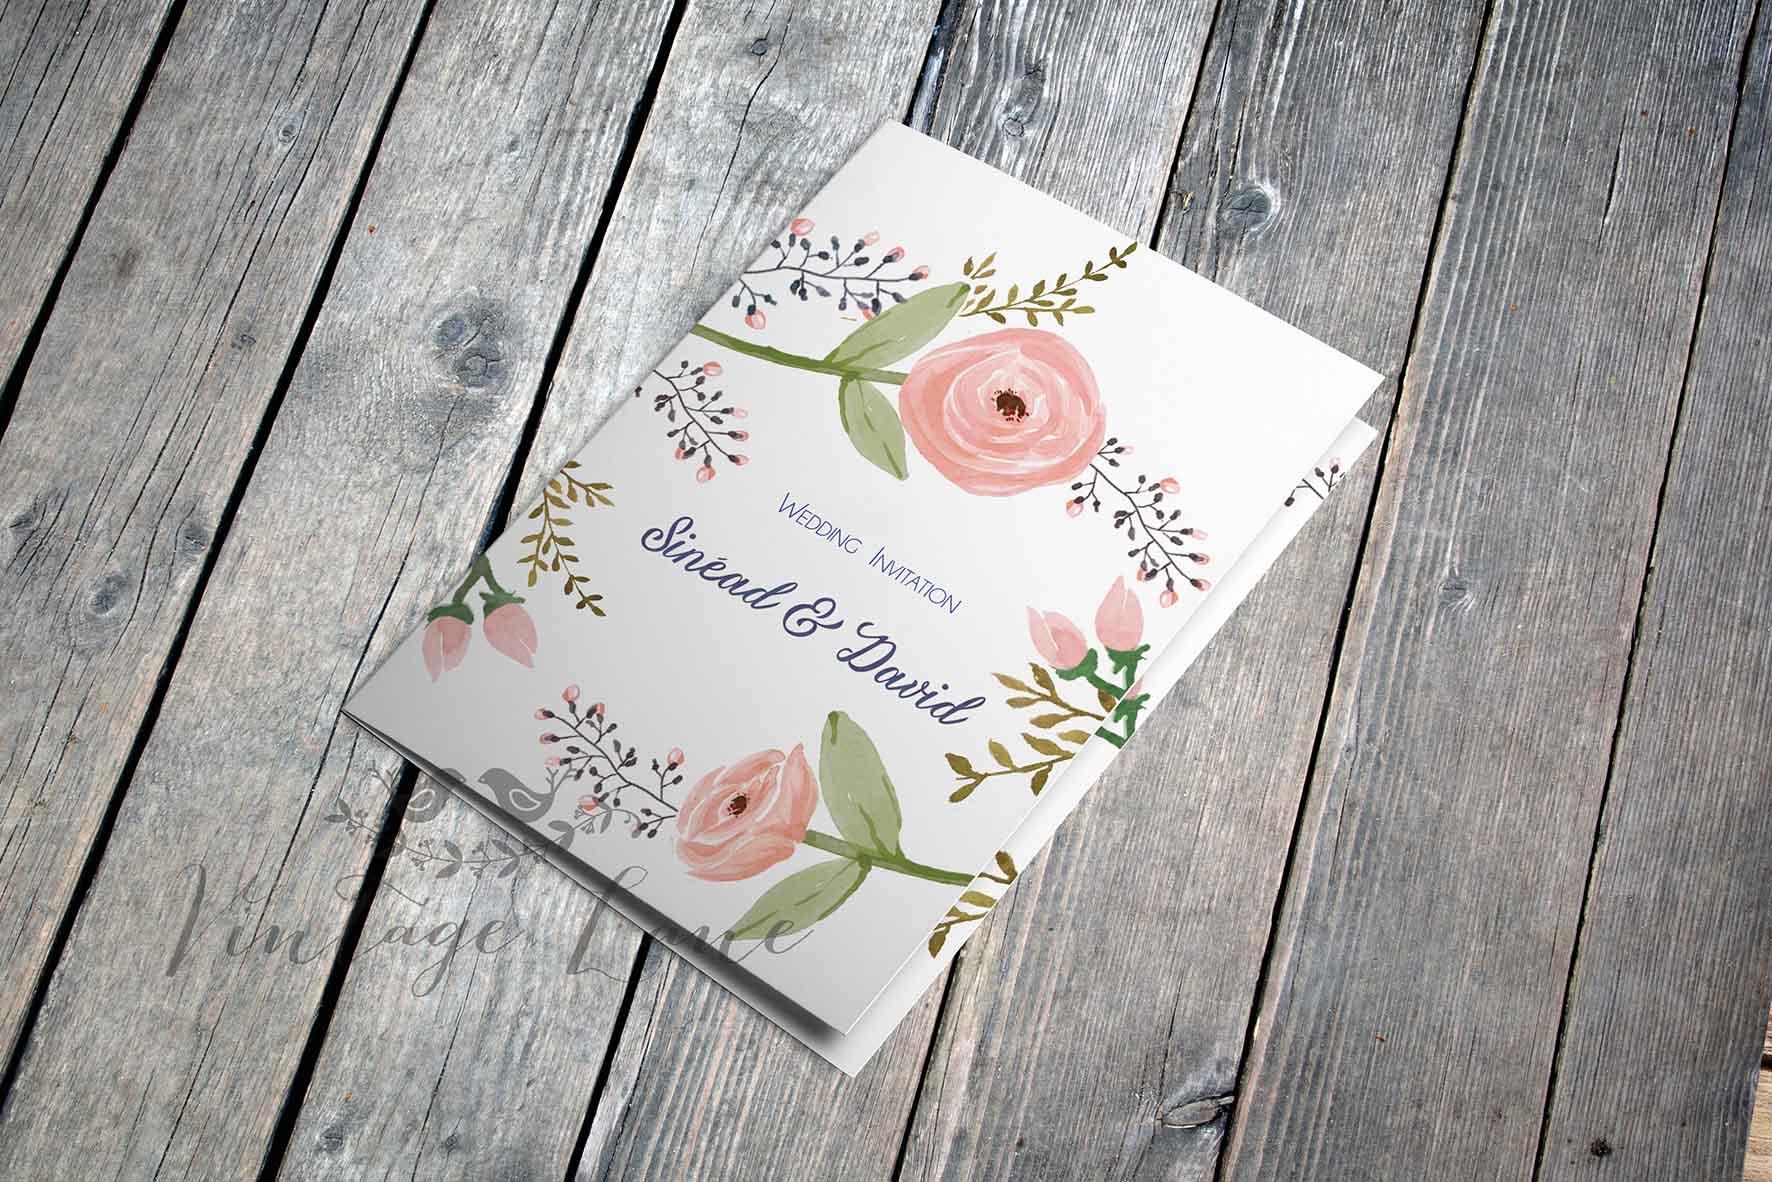 bespoke wedding stationery ireland - 28 images - personalised ...